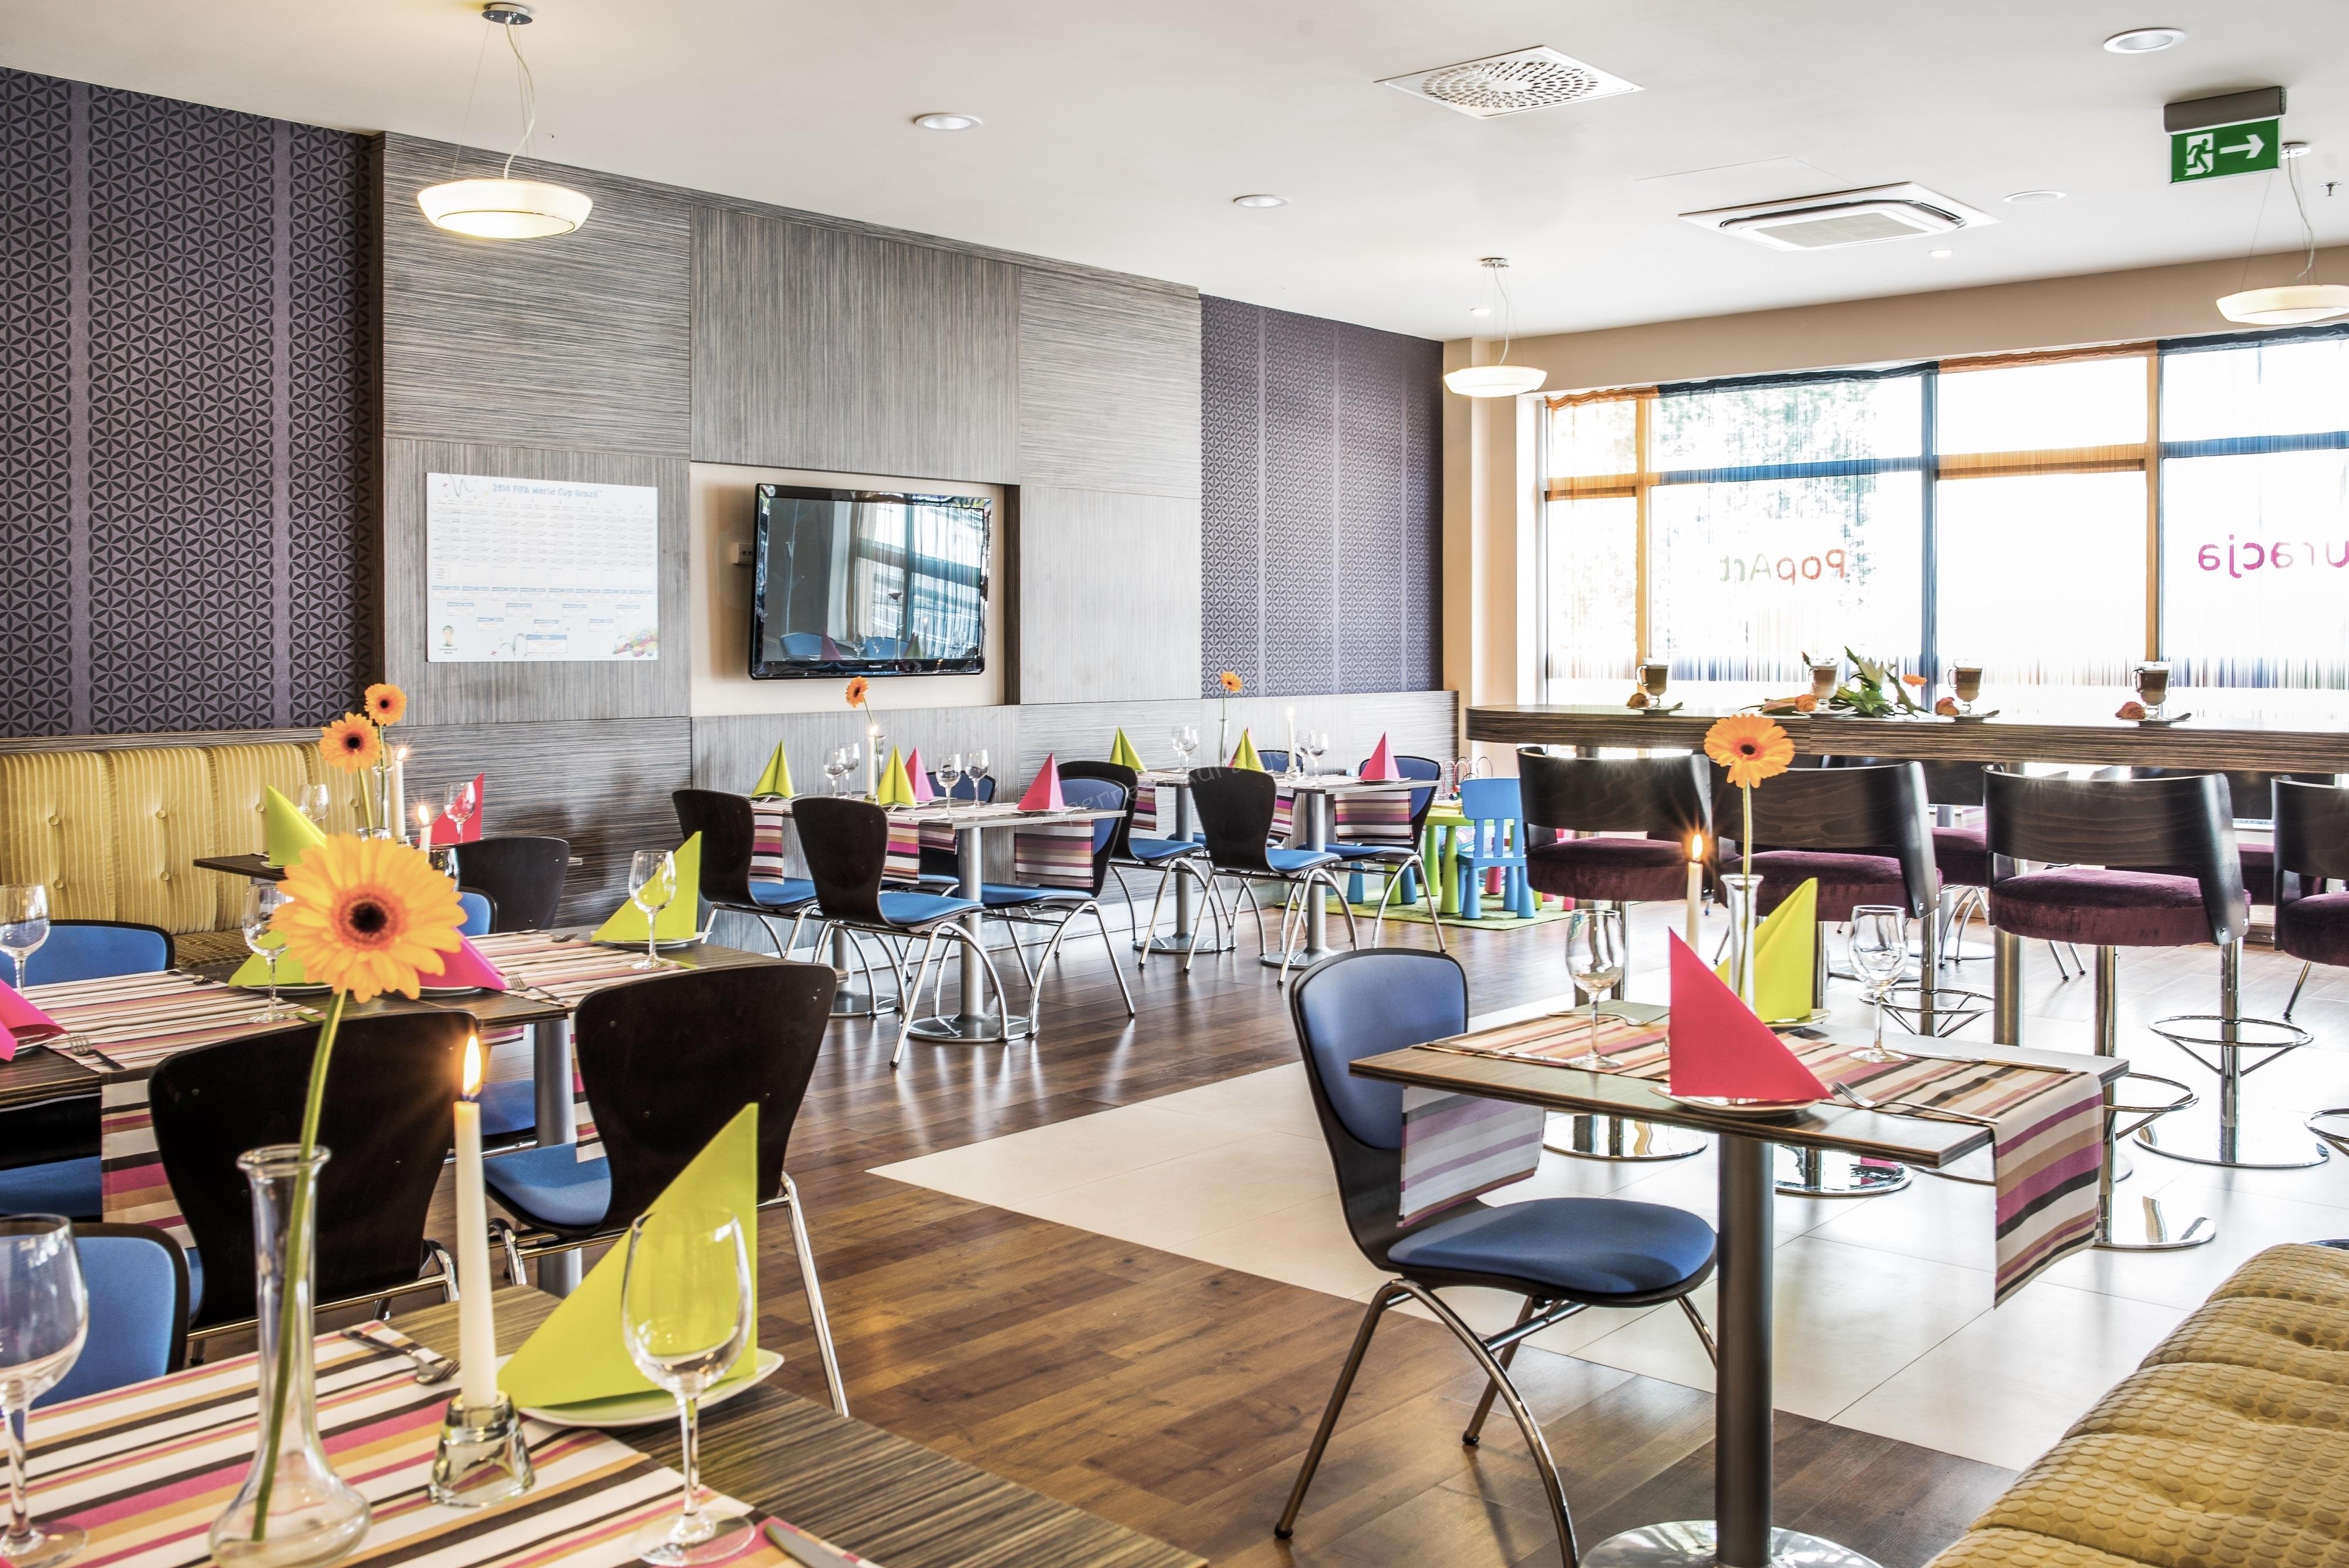 Restauracja Popart W Hotelu Ibis Styles Walbrzych W Walbrzychu